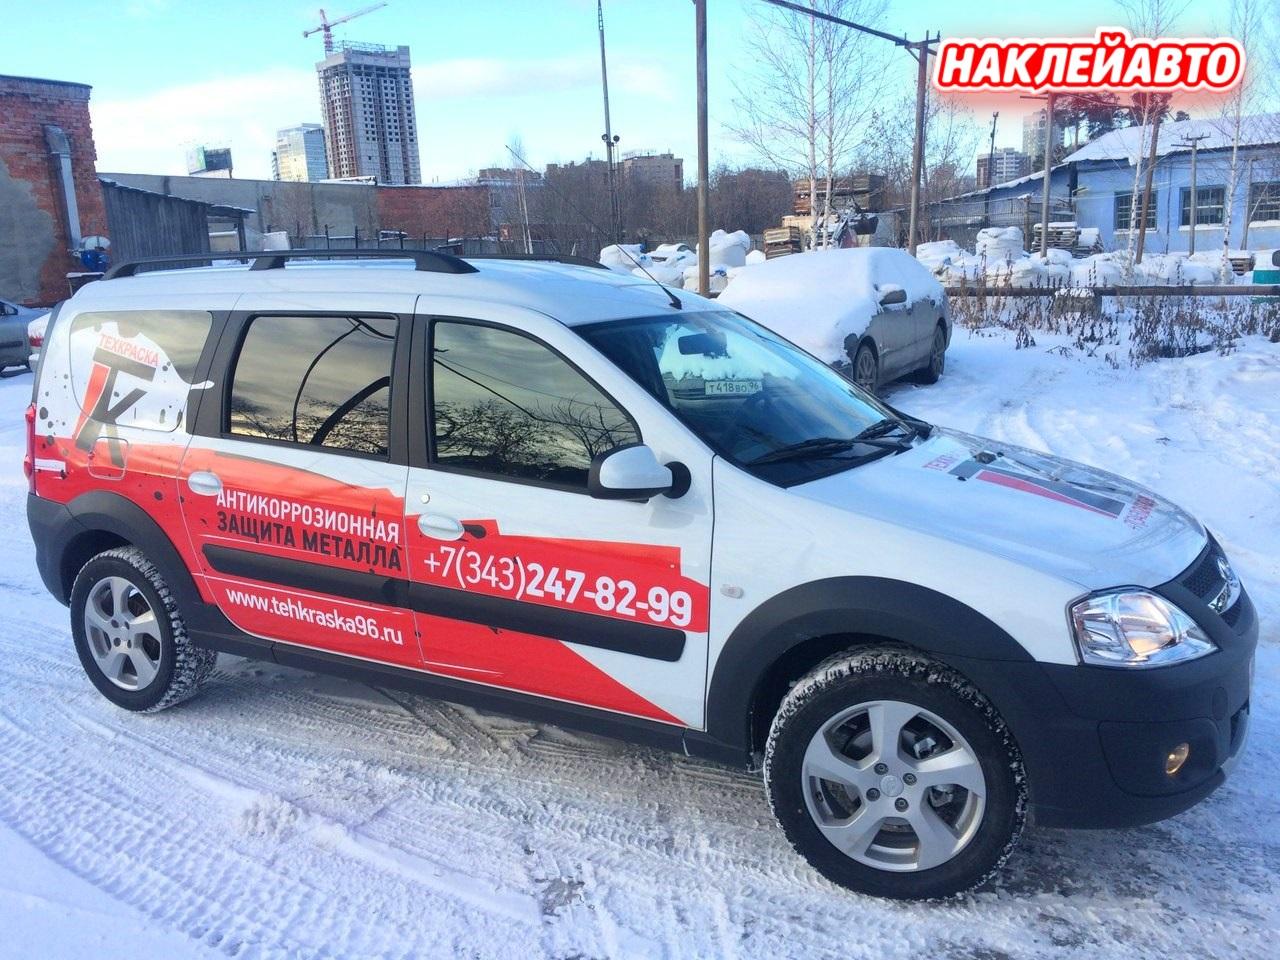 Брендирование транспорта в Екатеринбурге